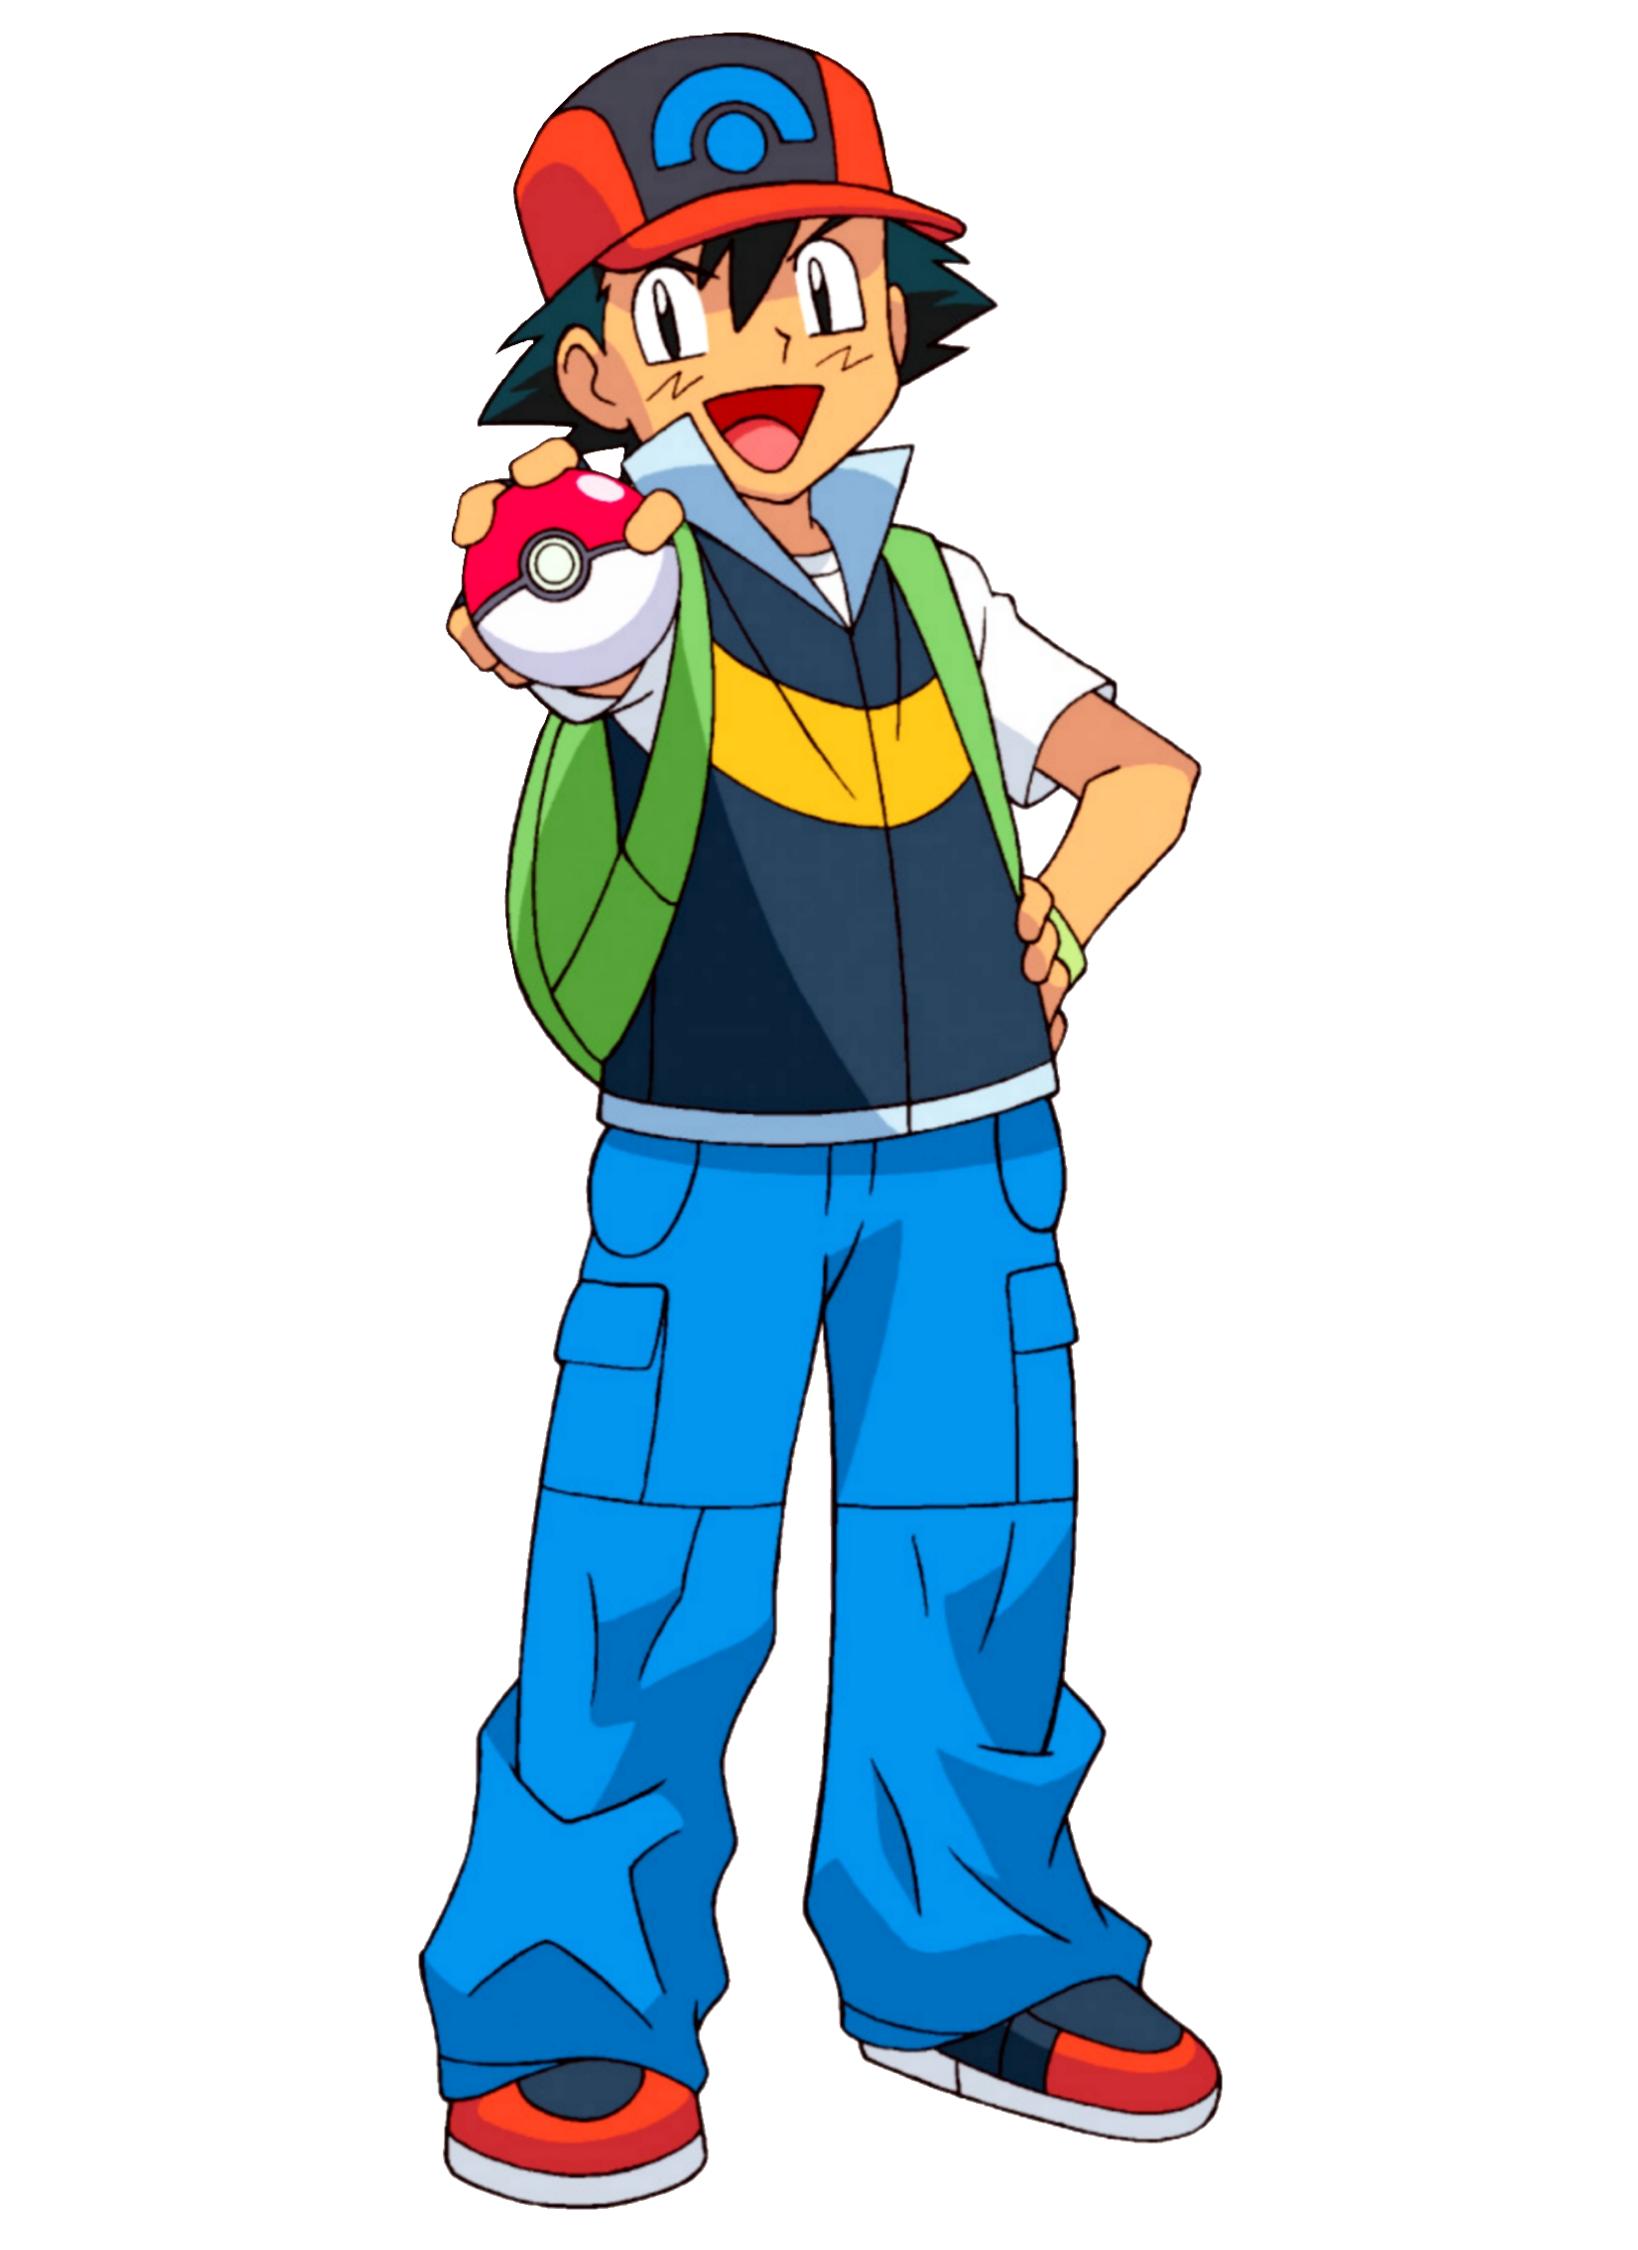 ash ketchum sonic pokémon wiki fandom powered by wikia